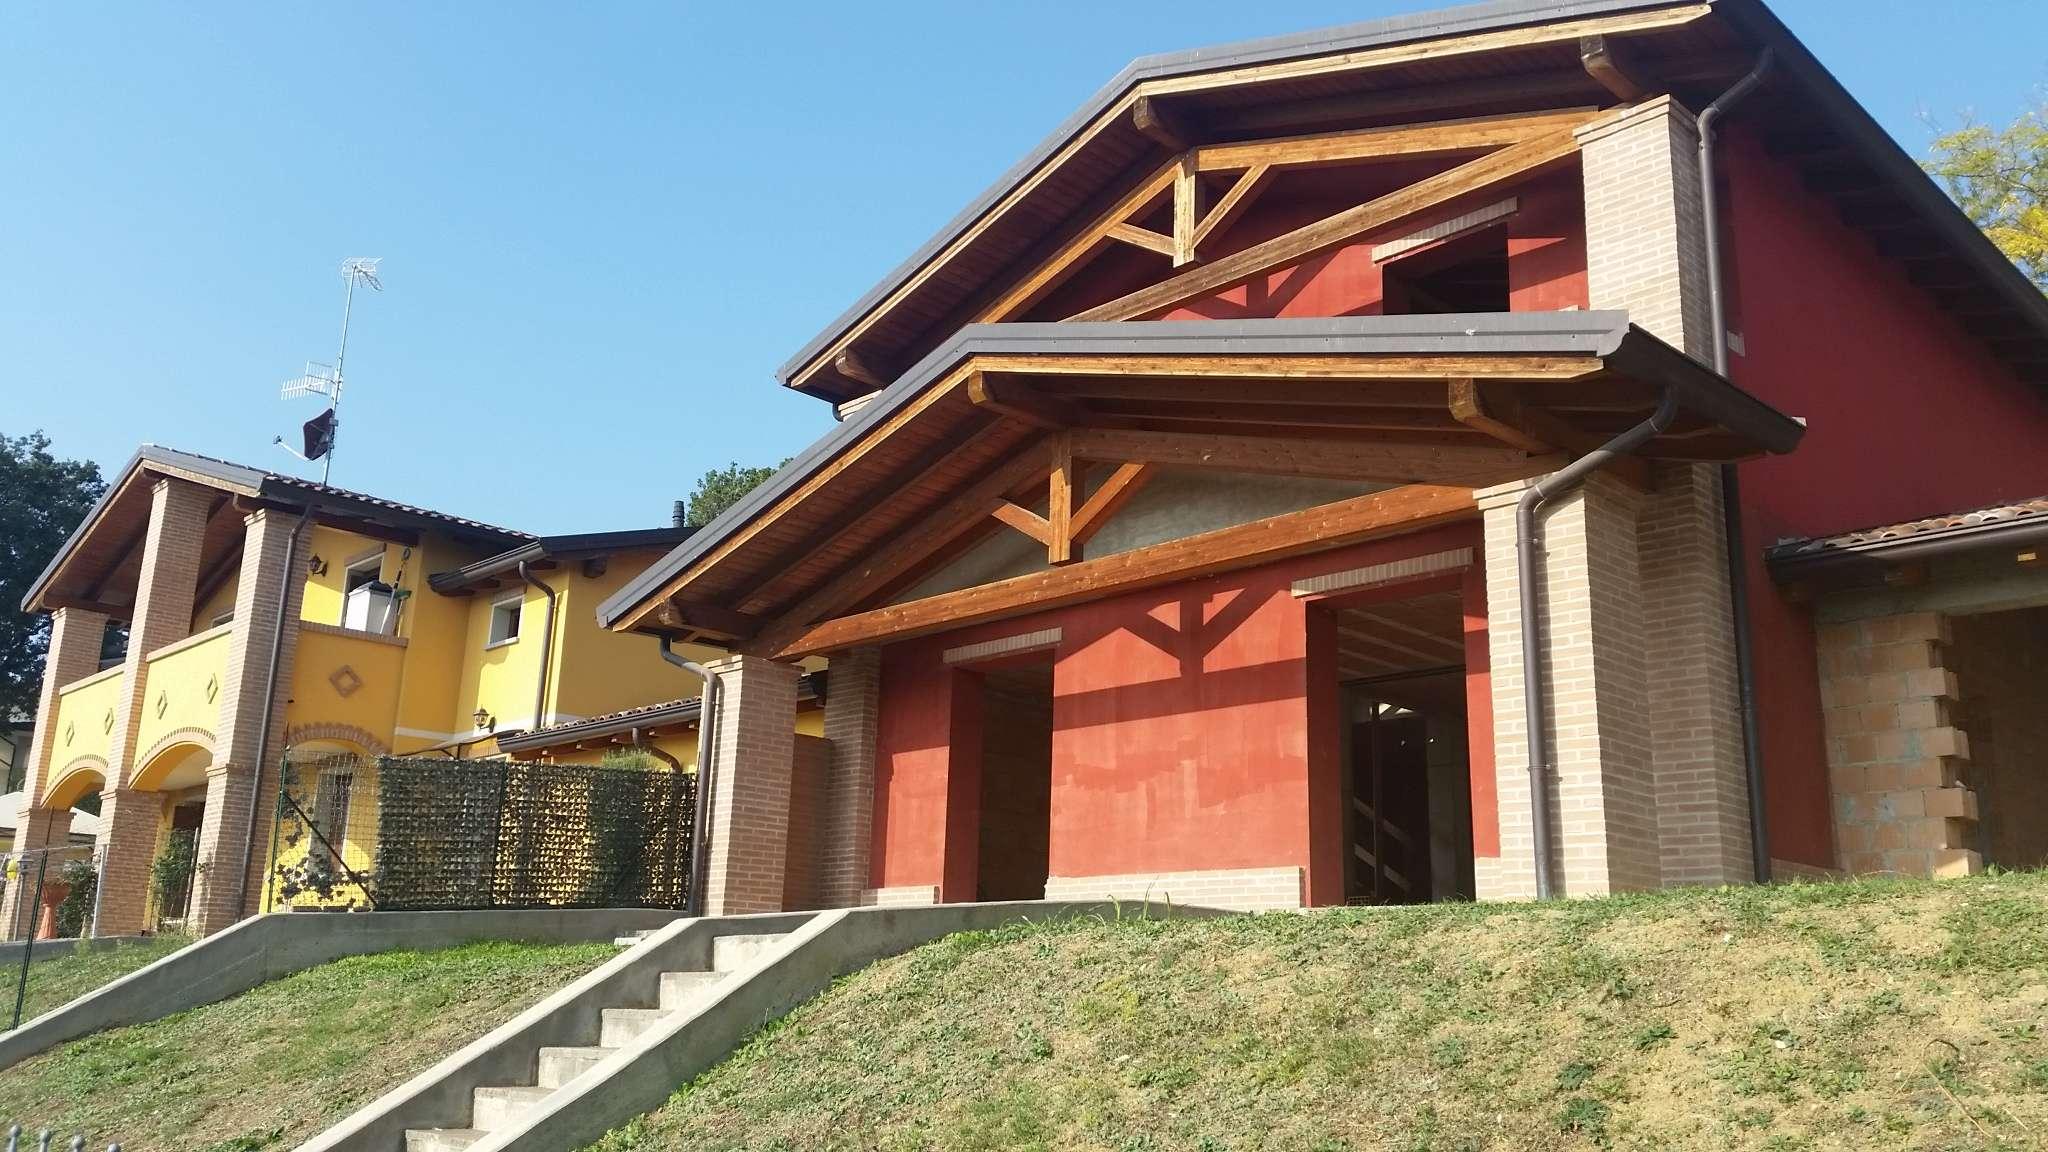 Villa in vendita a Medesano, 4 locali, prezzo € 252.900 | CambioCasa.it